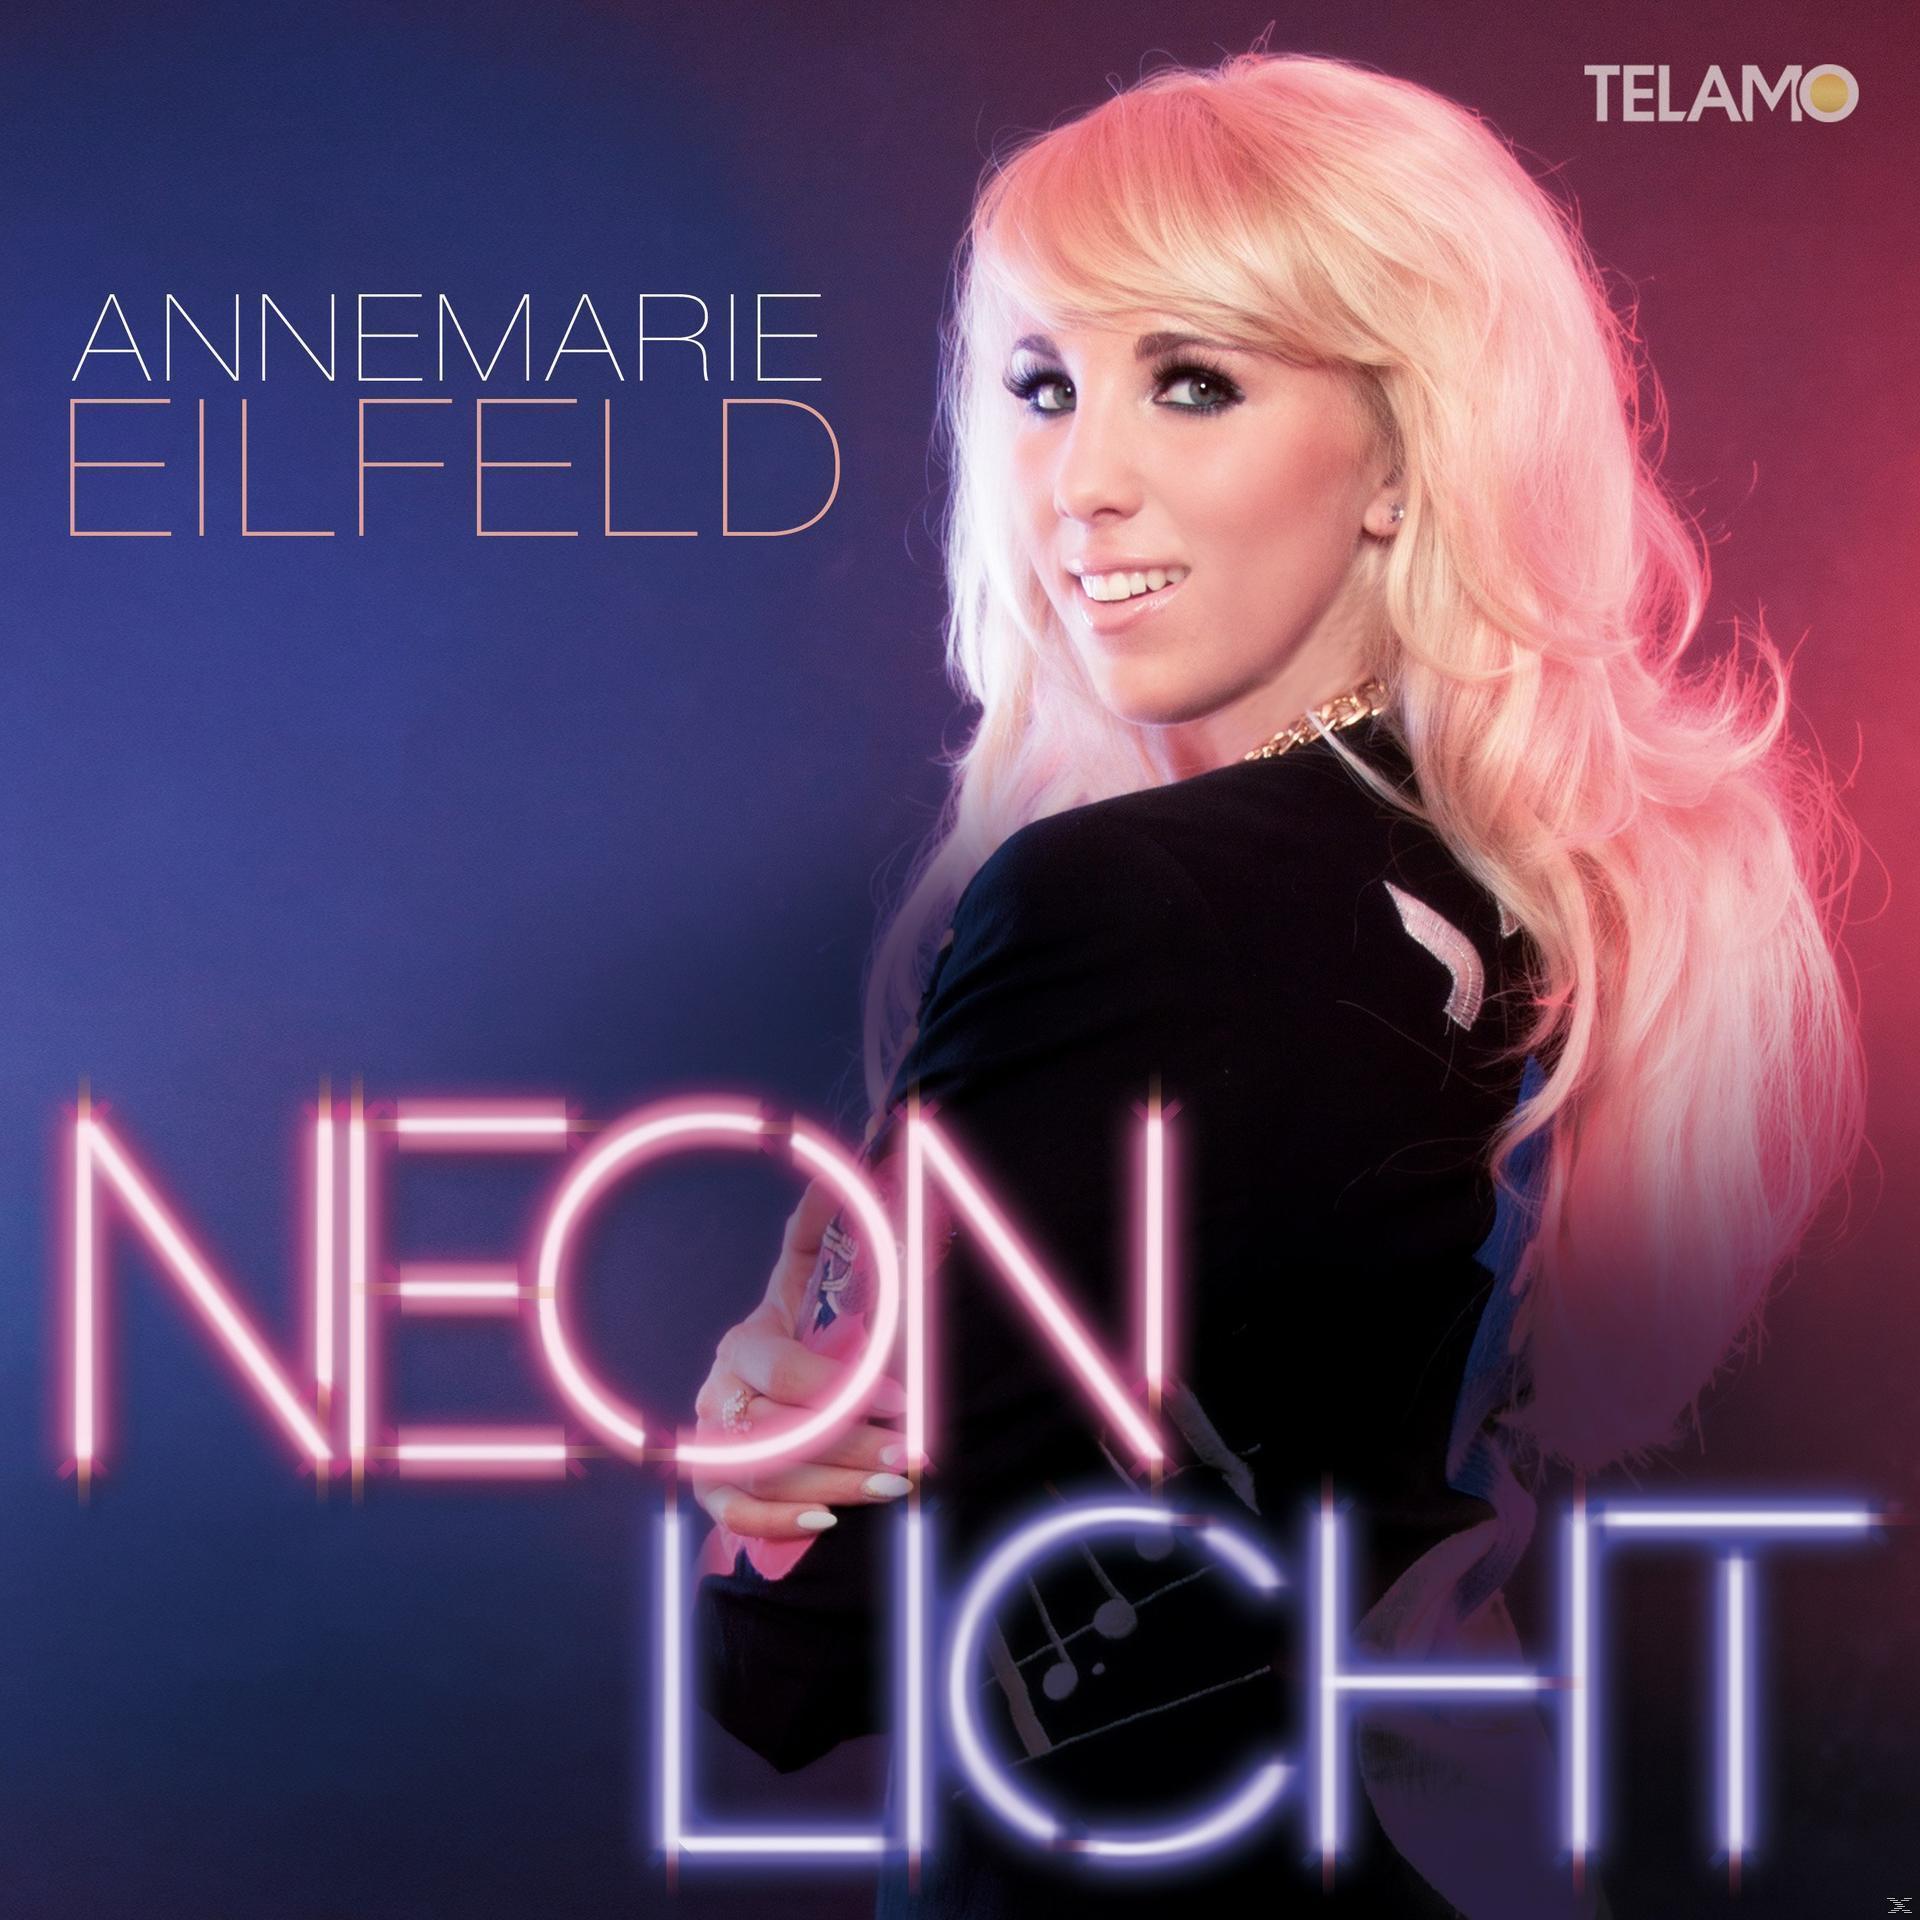 Neonlicht (Annemarie Eilfeld) für 15,96 Euro